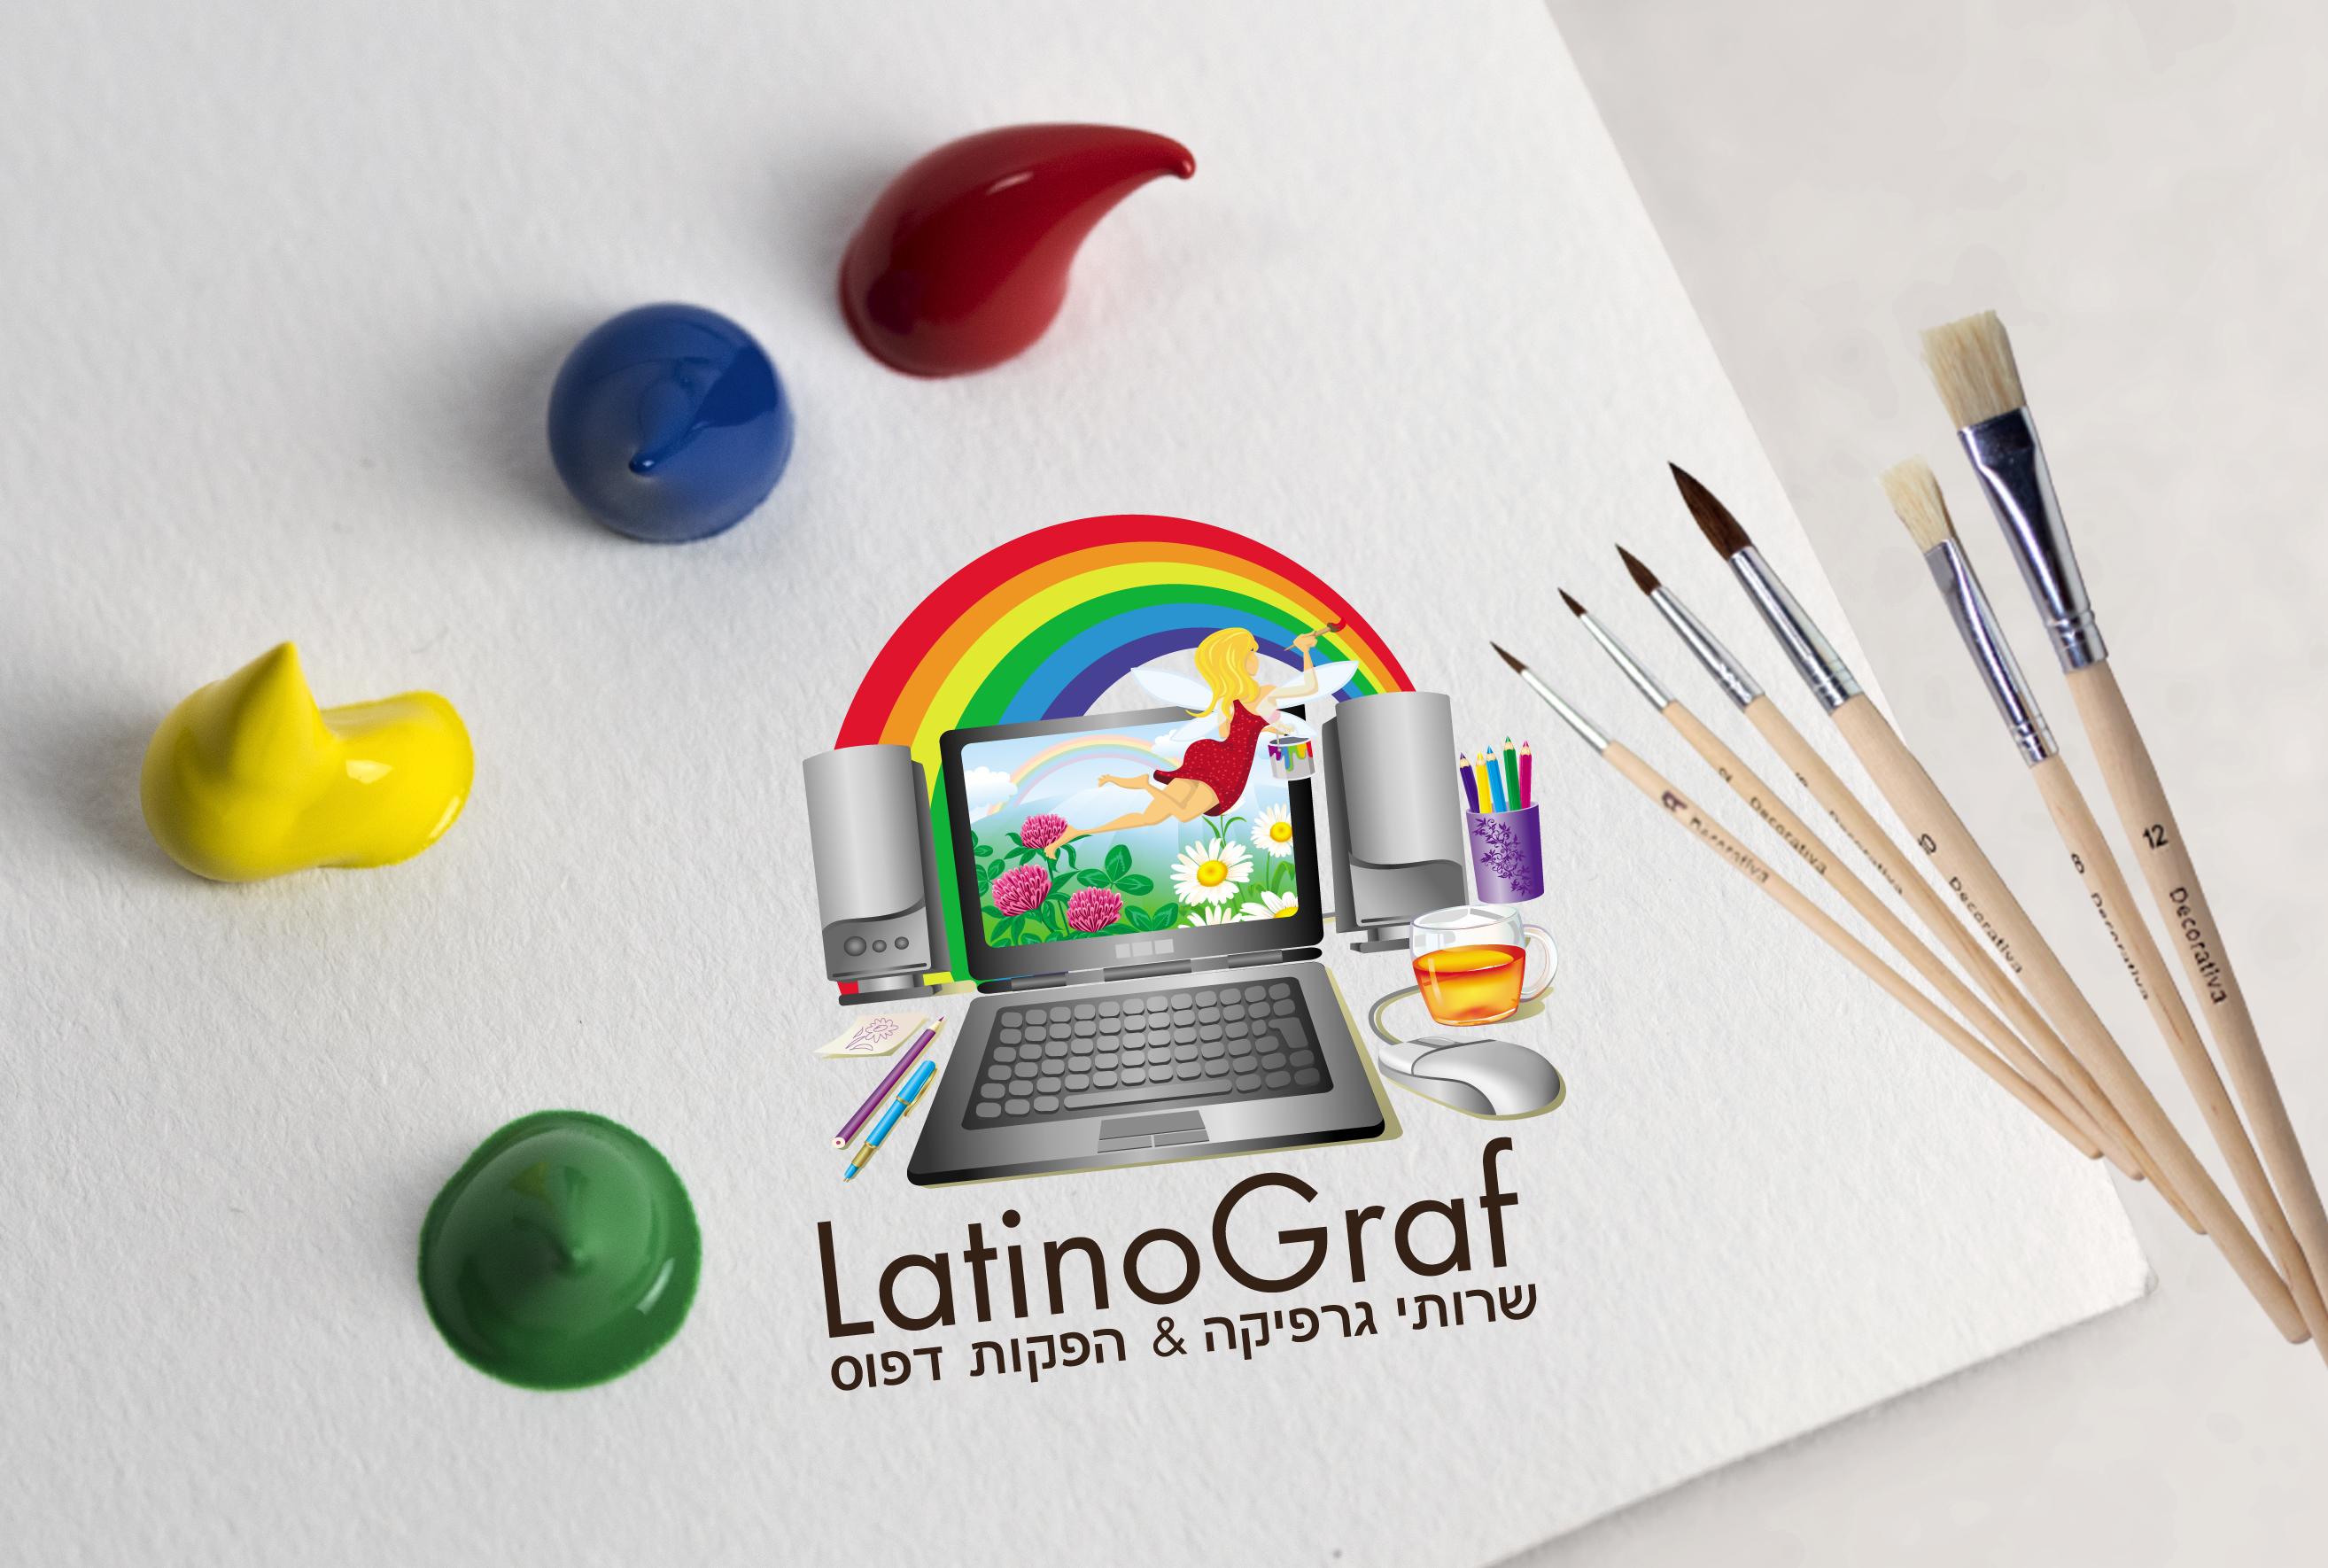 latinograf logo